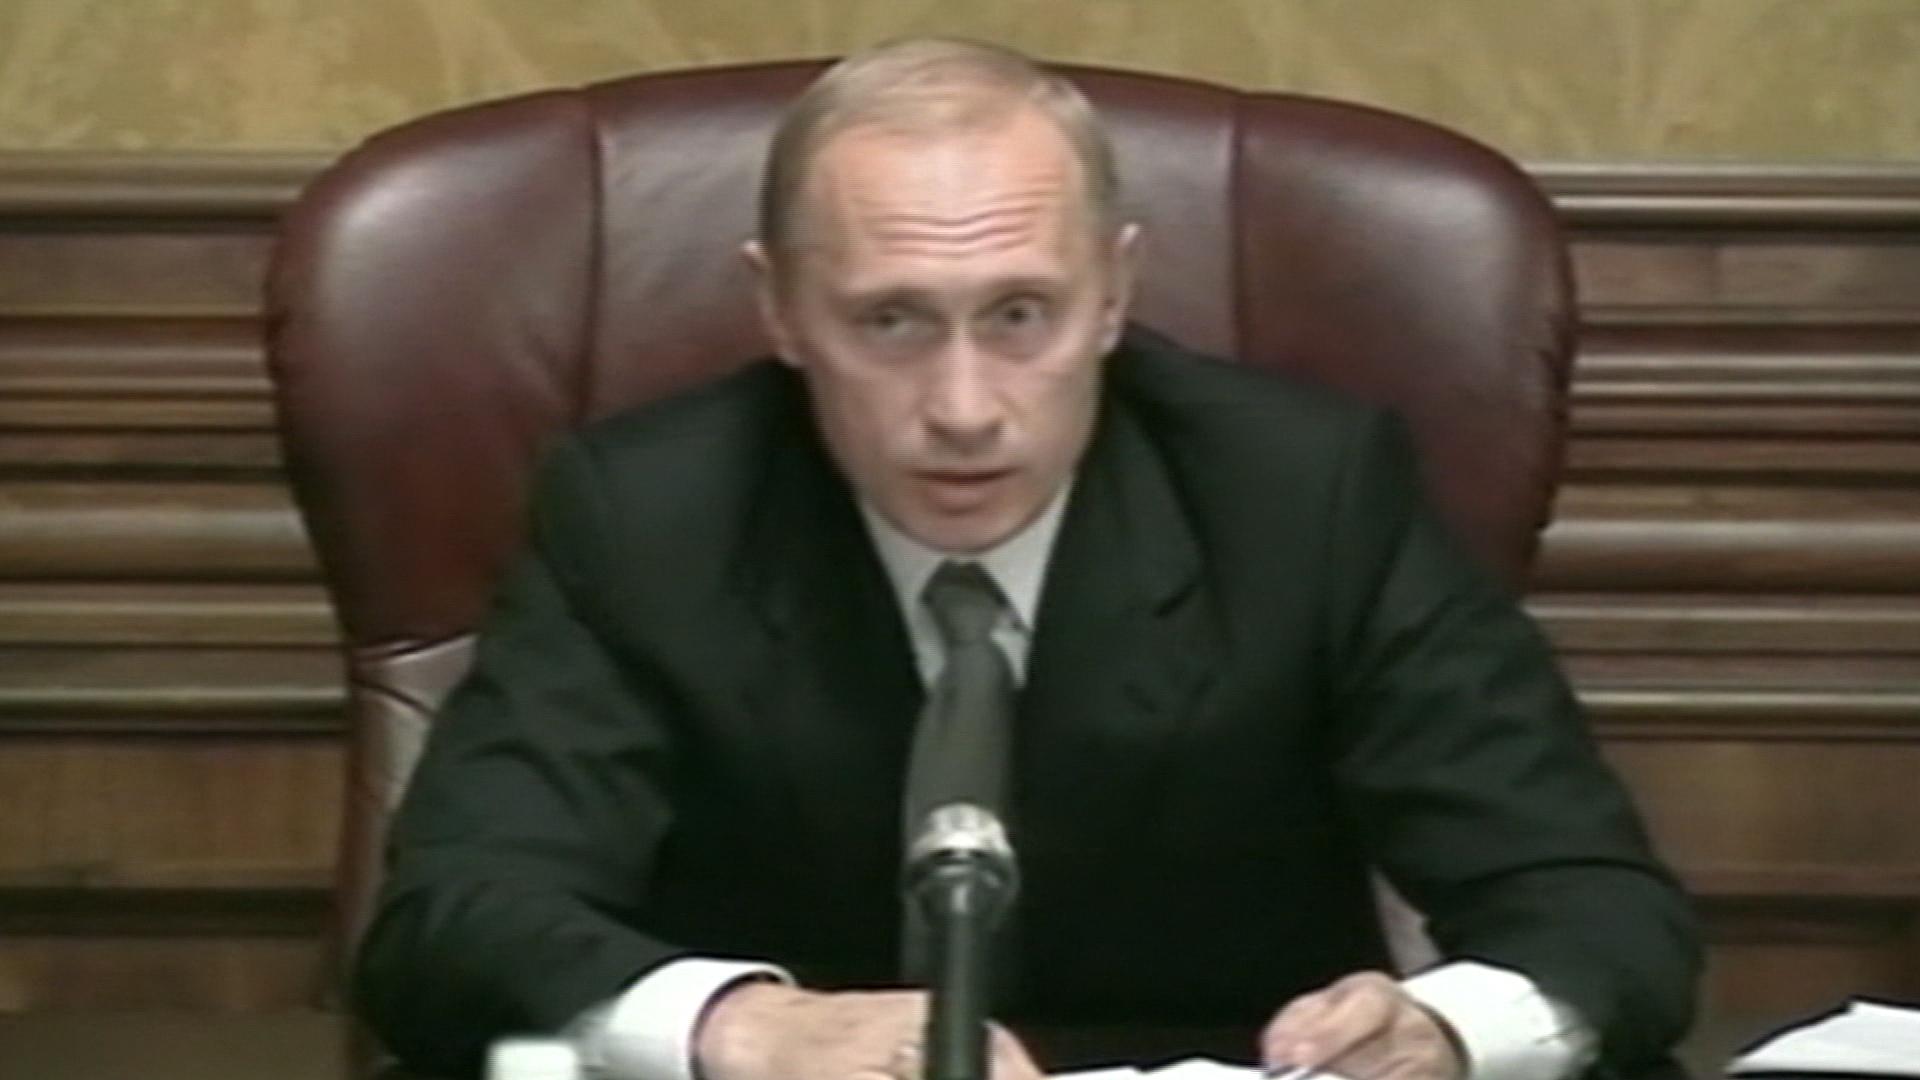 Plane crash exacerbates Russian isolation